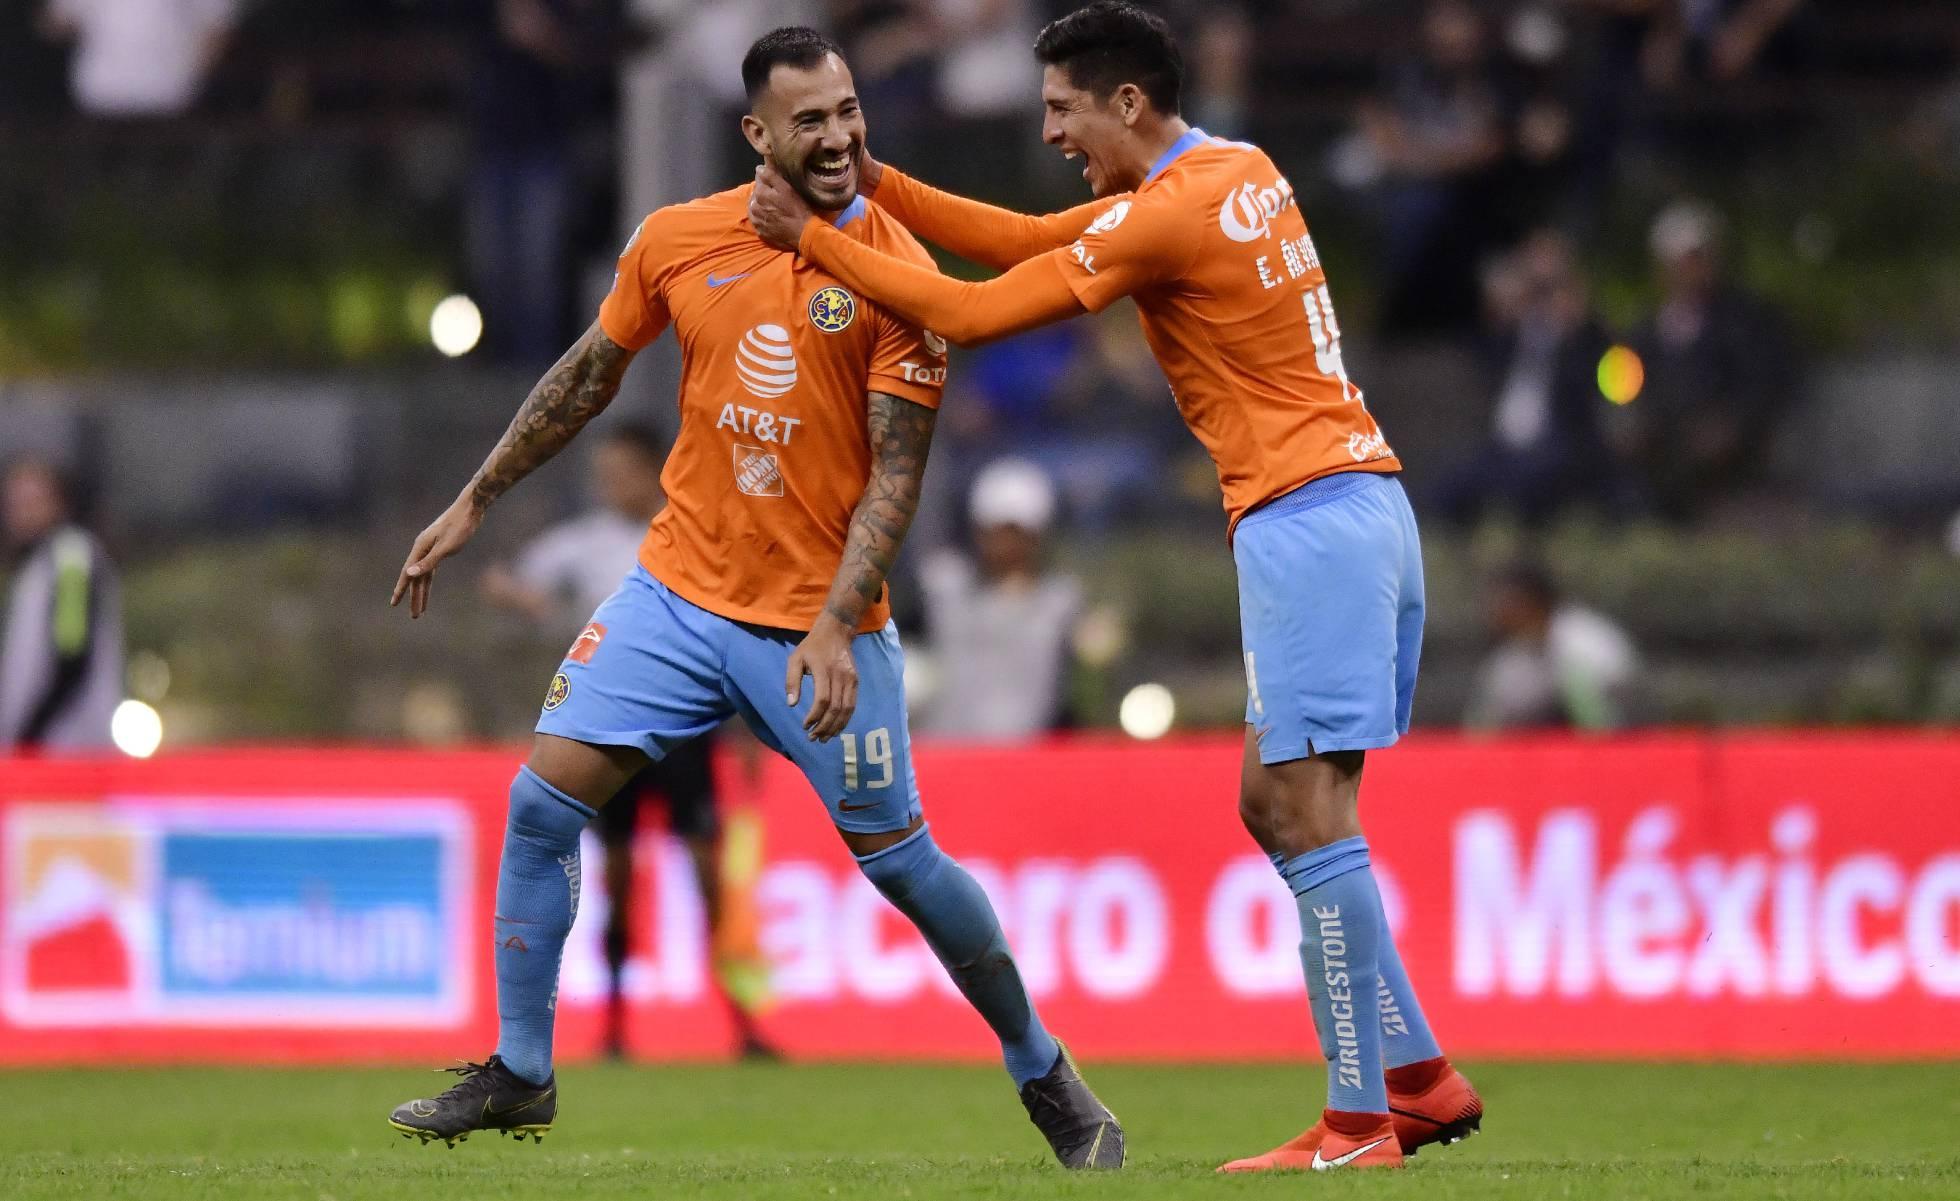 El América se erige como campeón indiscutible en México al ganar la Copa MX